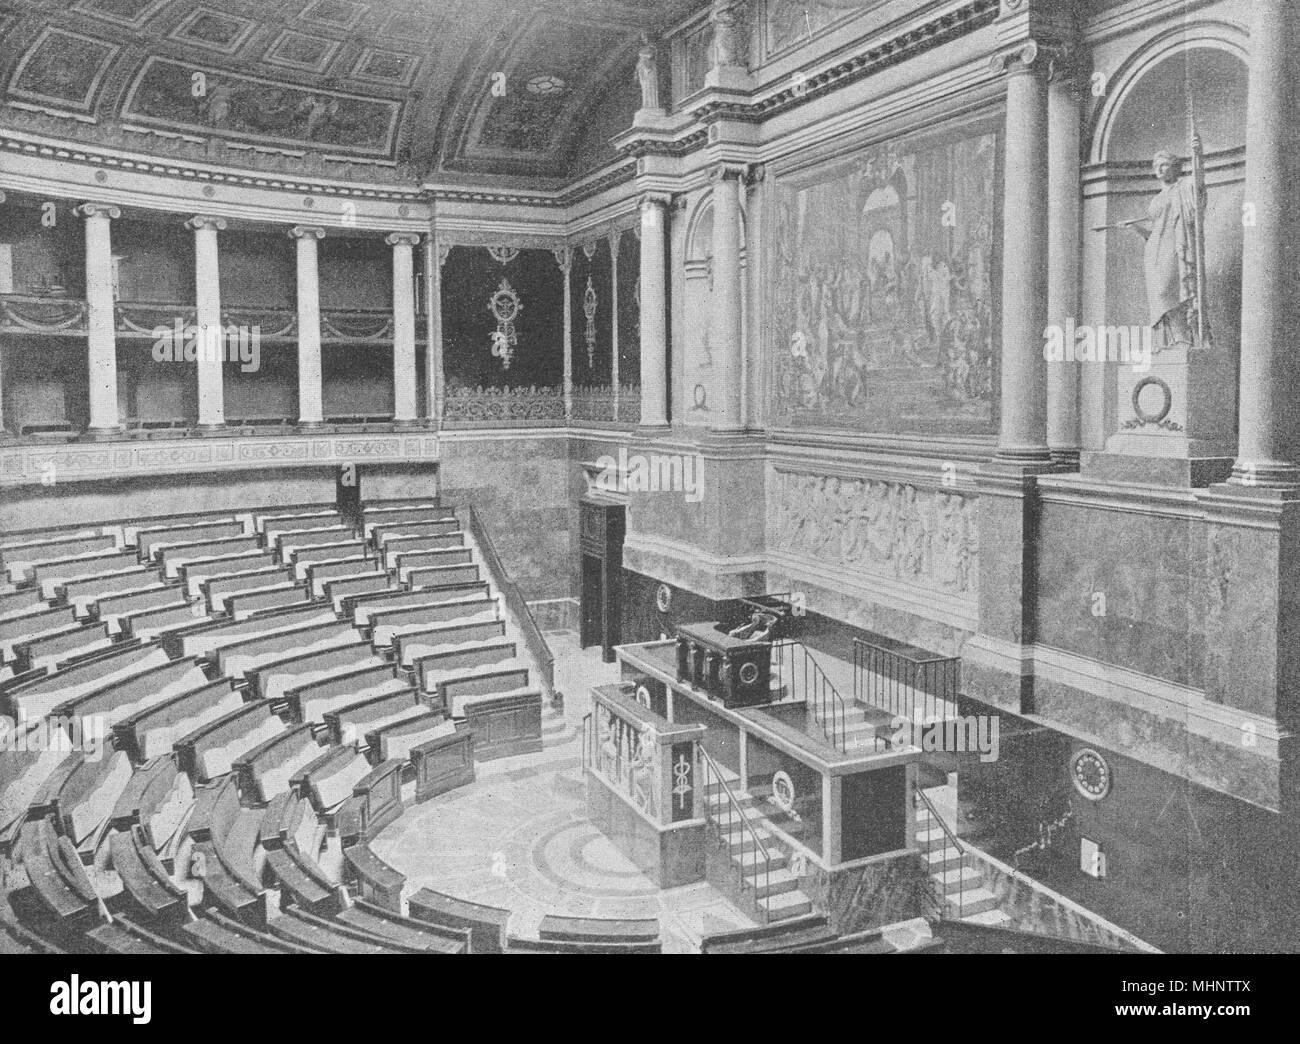 PARIS. Chambre des Députés. Intérieur 1895 alte antike vintage Bild drucken Stockbild